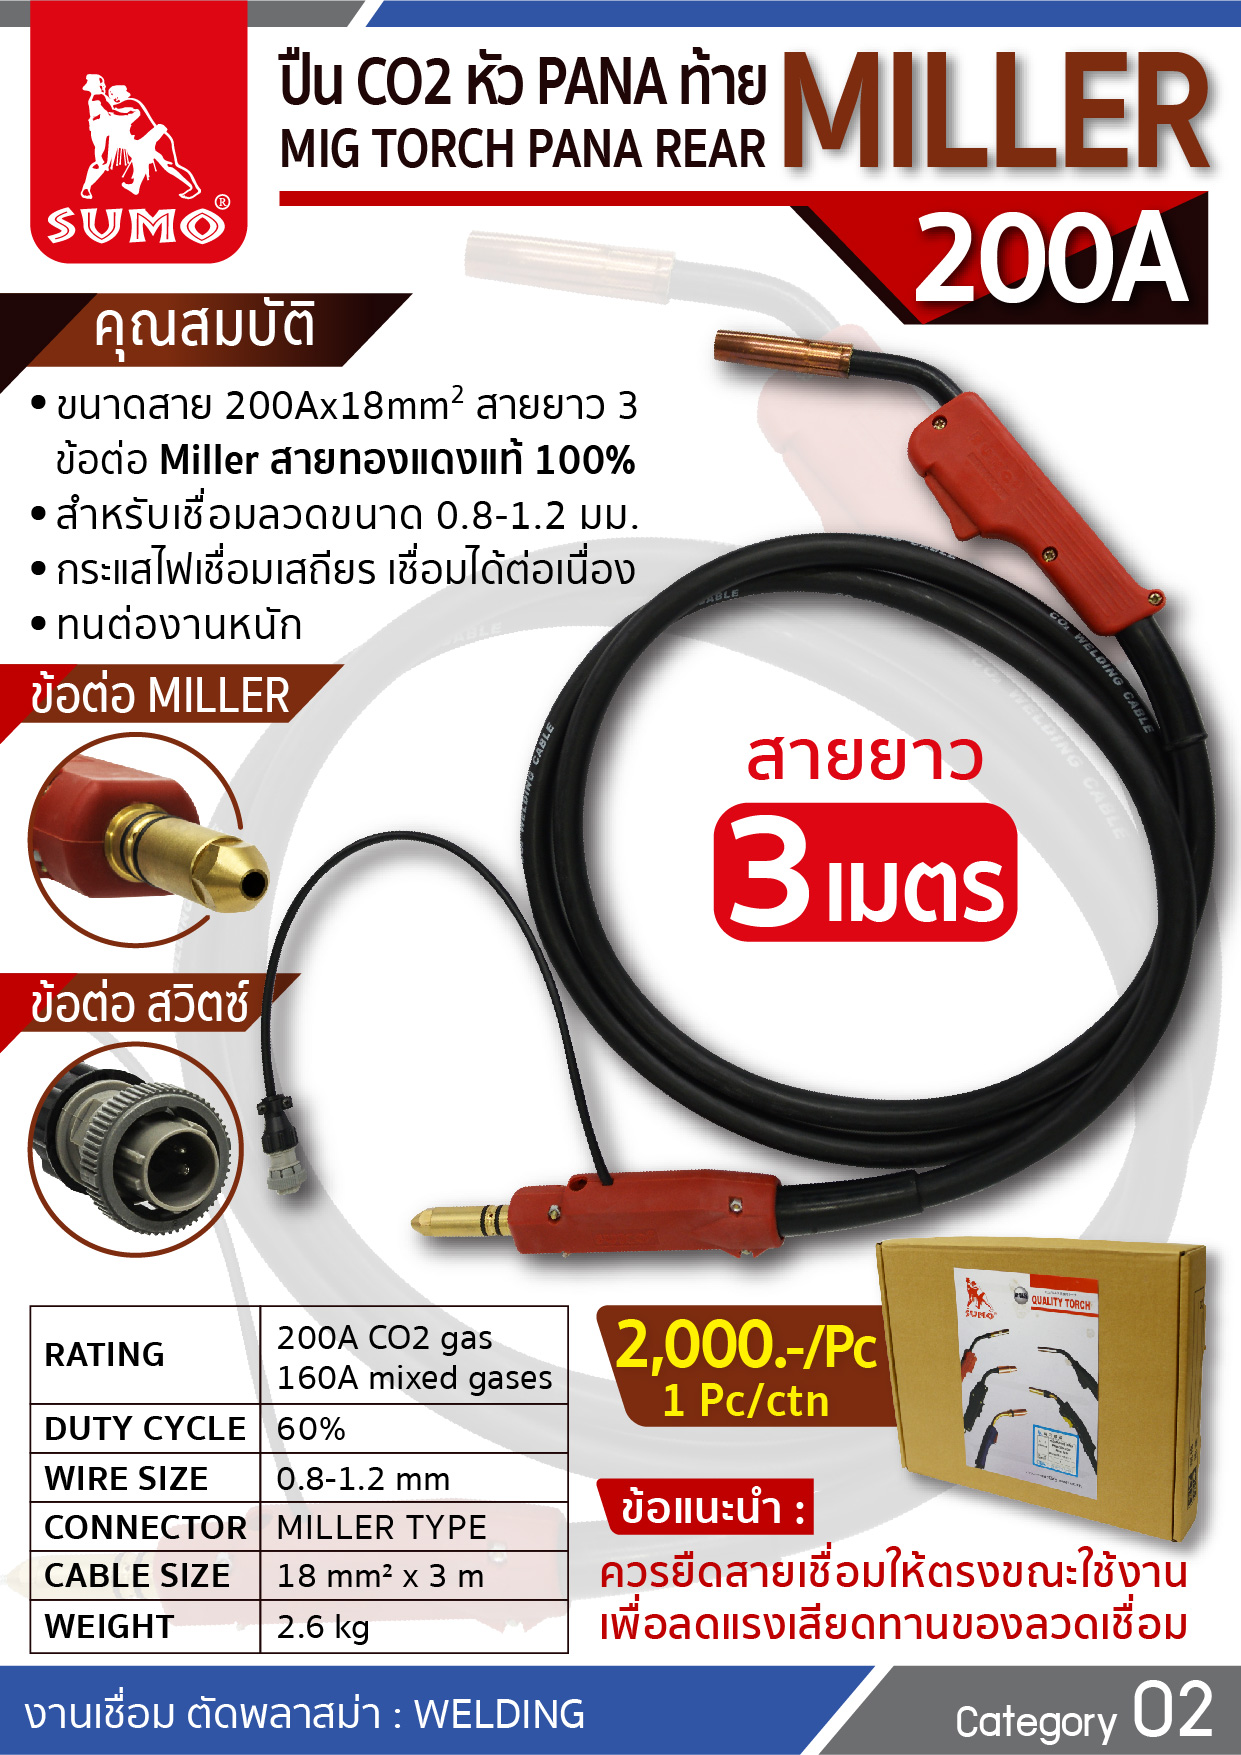 (97/277) ปืน CO2 PANA 200A Miller Tail